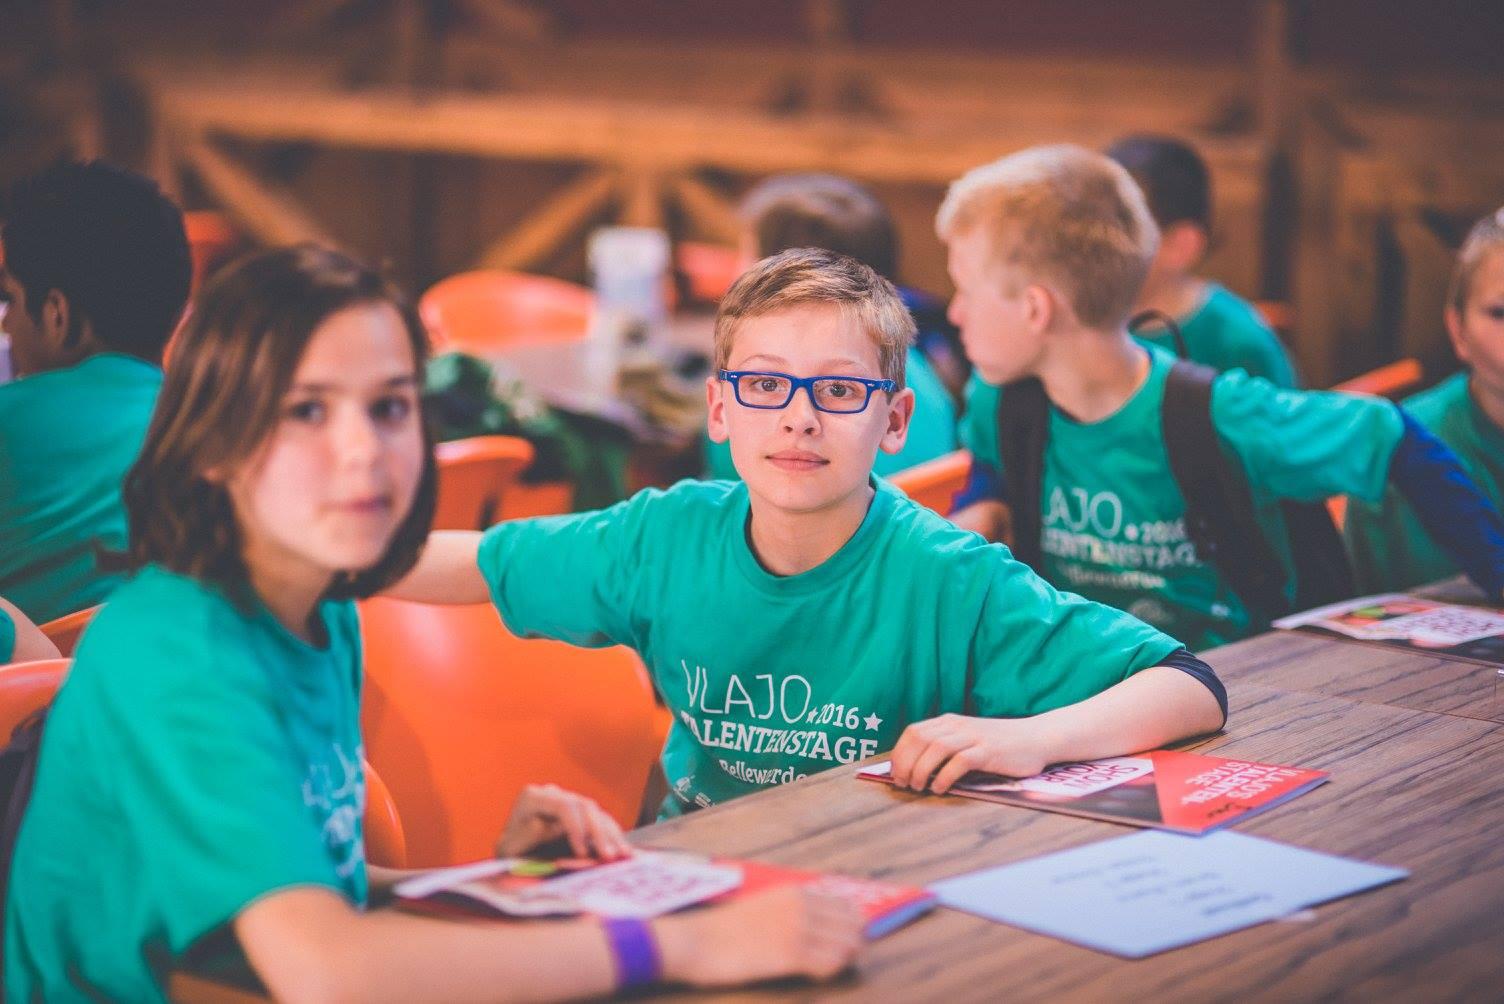 Nieuwigheden Vlajo basisonderwijs in schooljaar 2020-2021